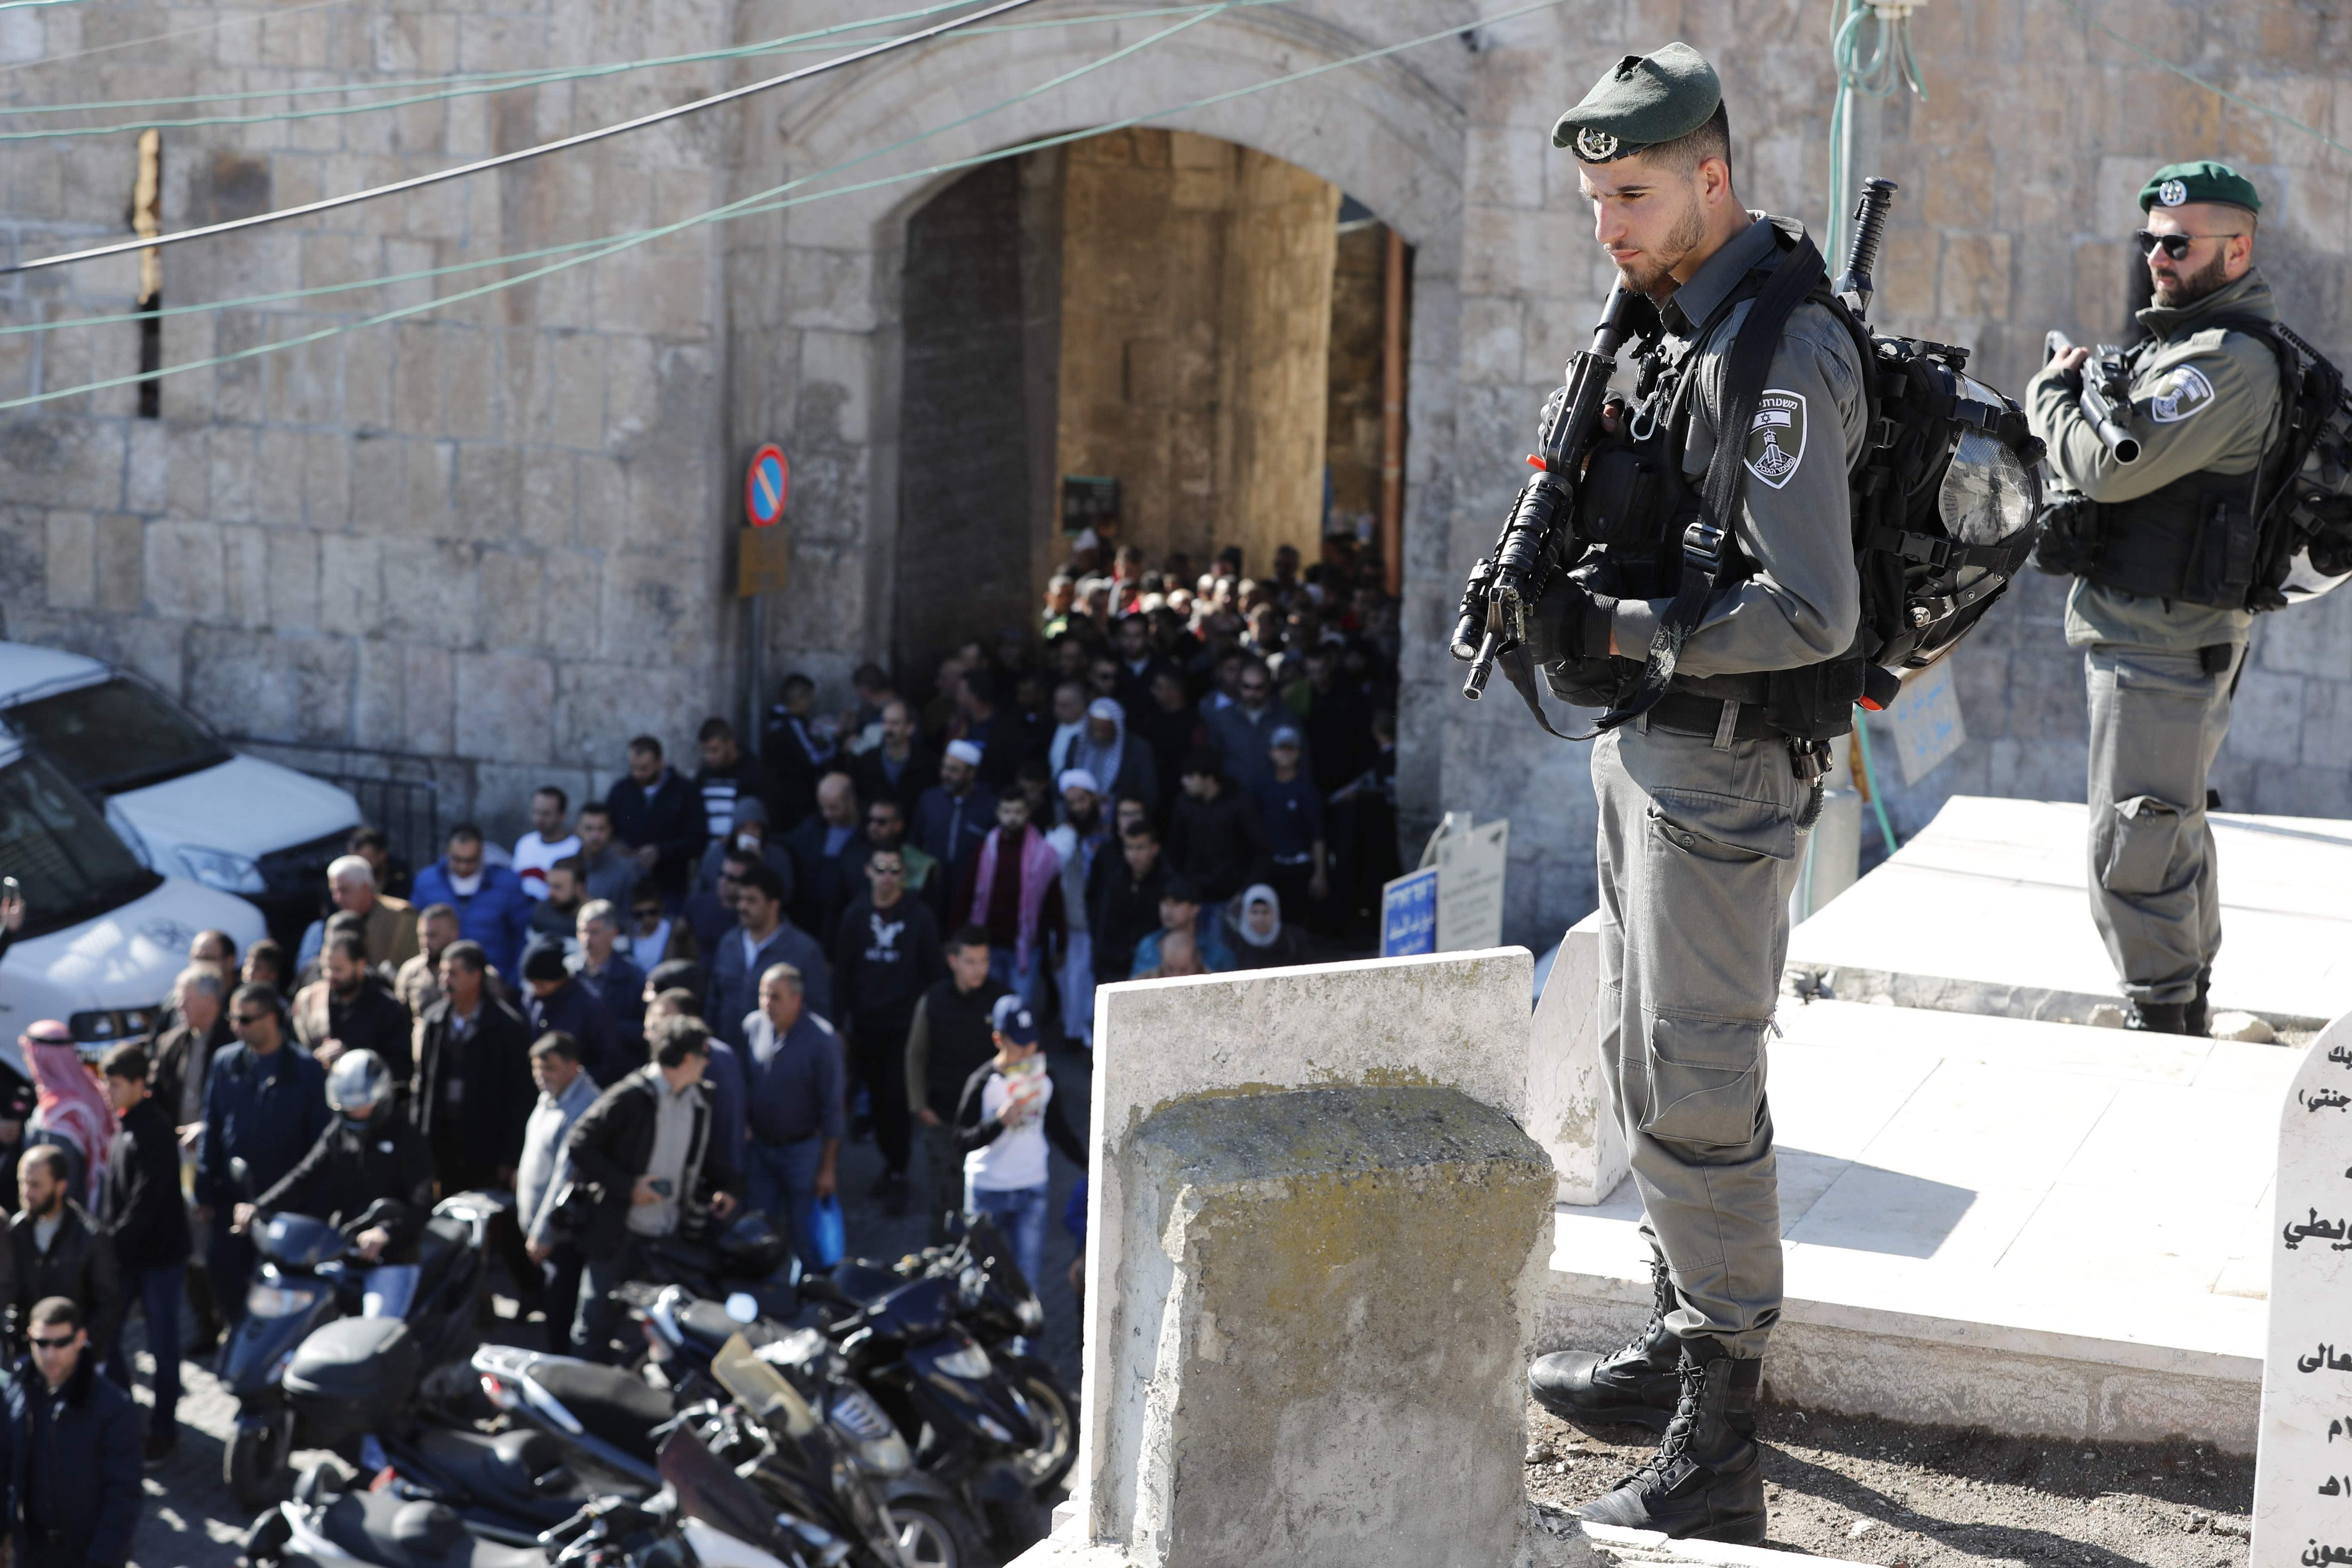 قوات الاحتلال تواجه المصليين